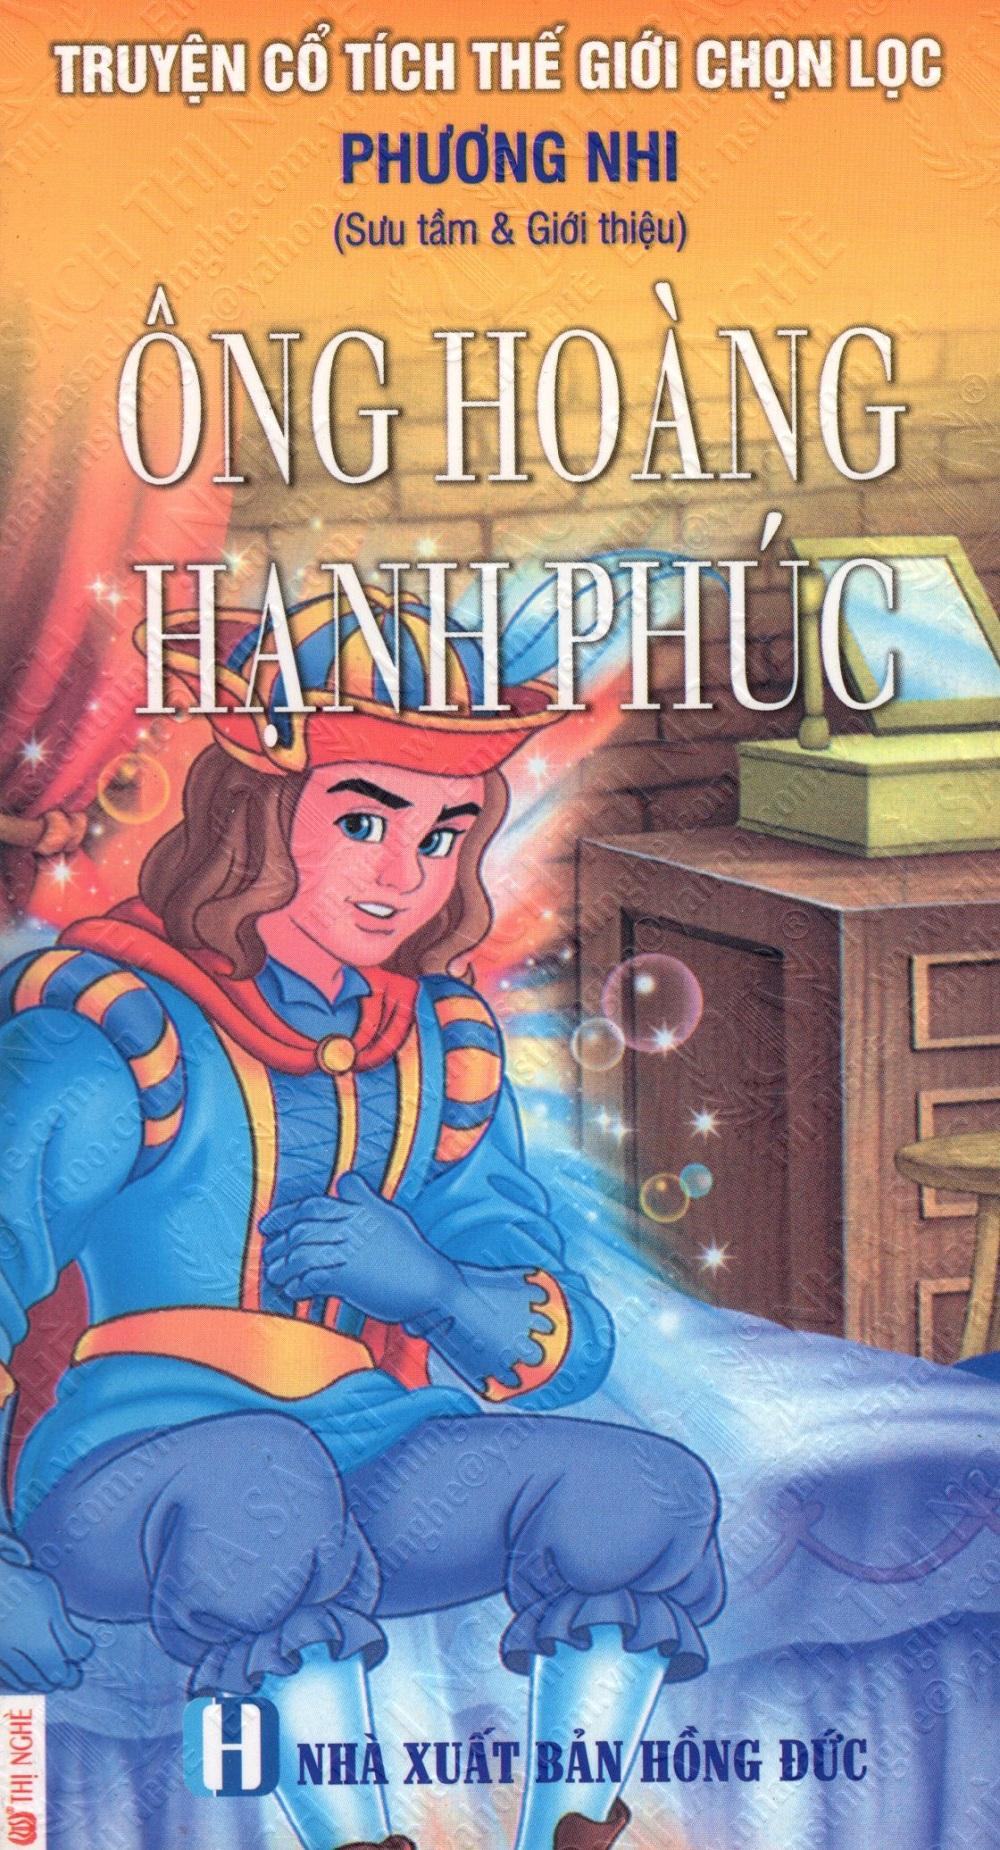 Bìa sách Truyện Cổ Tích Thế Giới Chọn Lọc: Ông Hoàng Hạnh Phúc